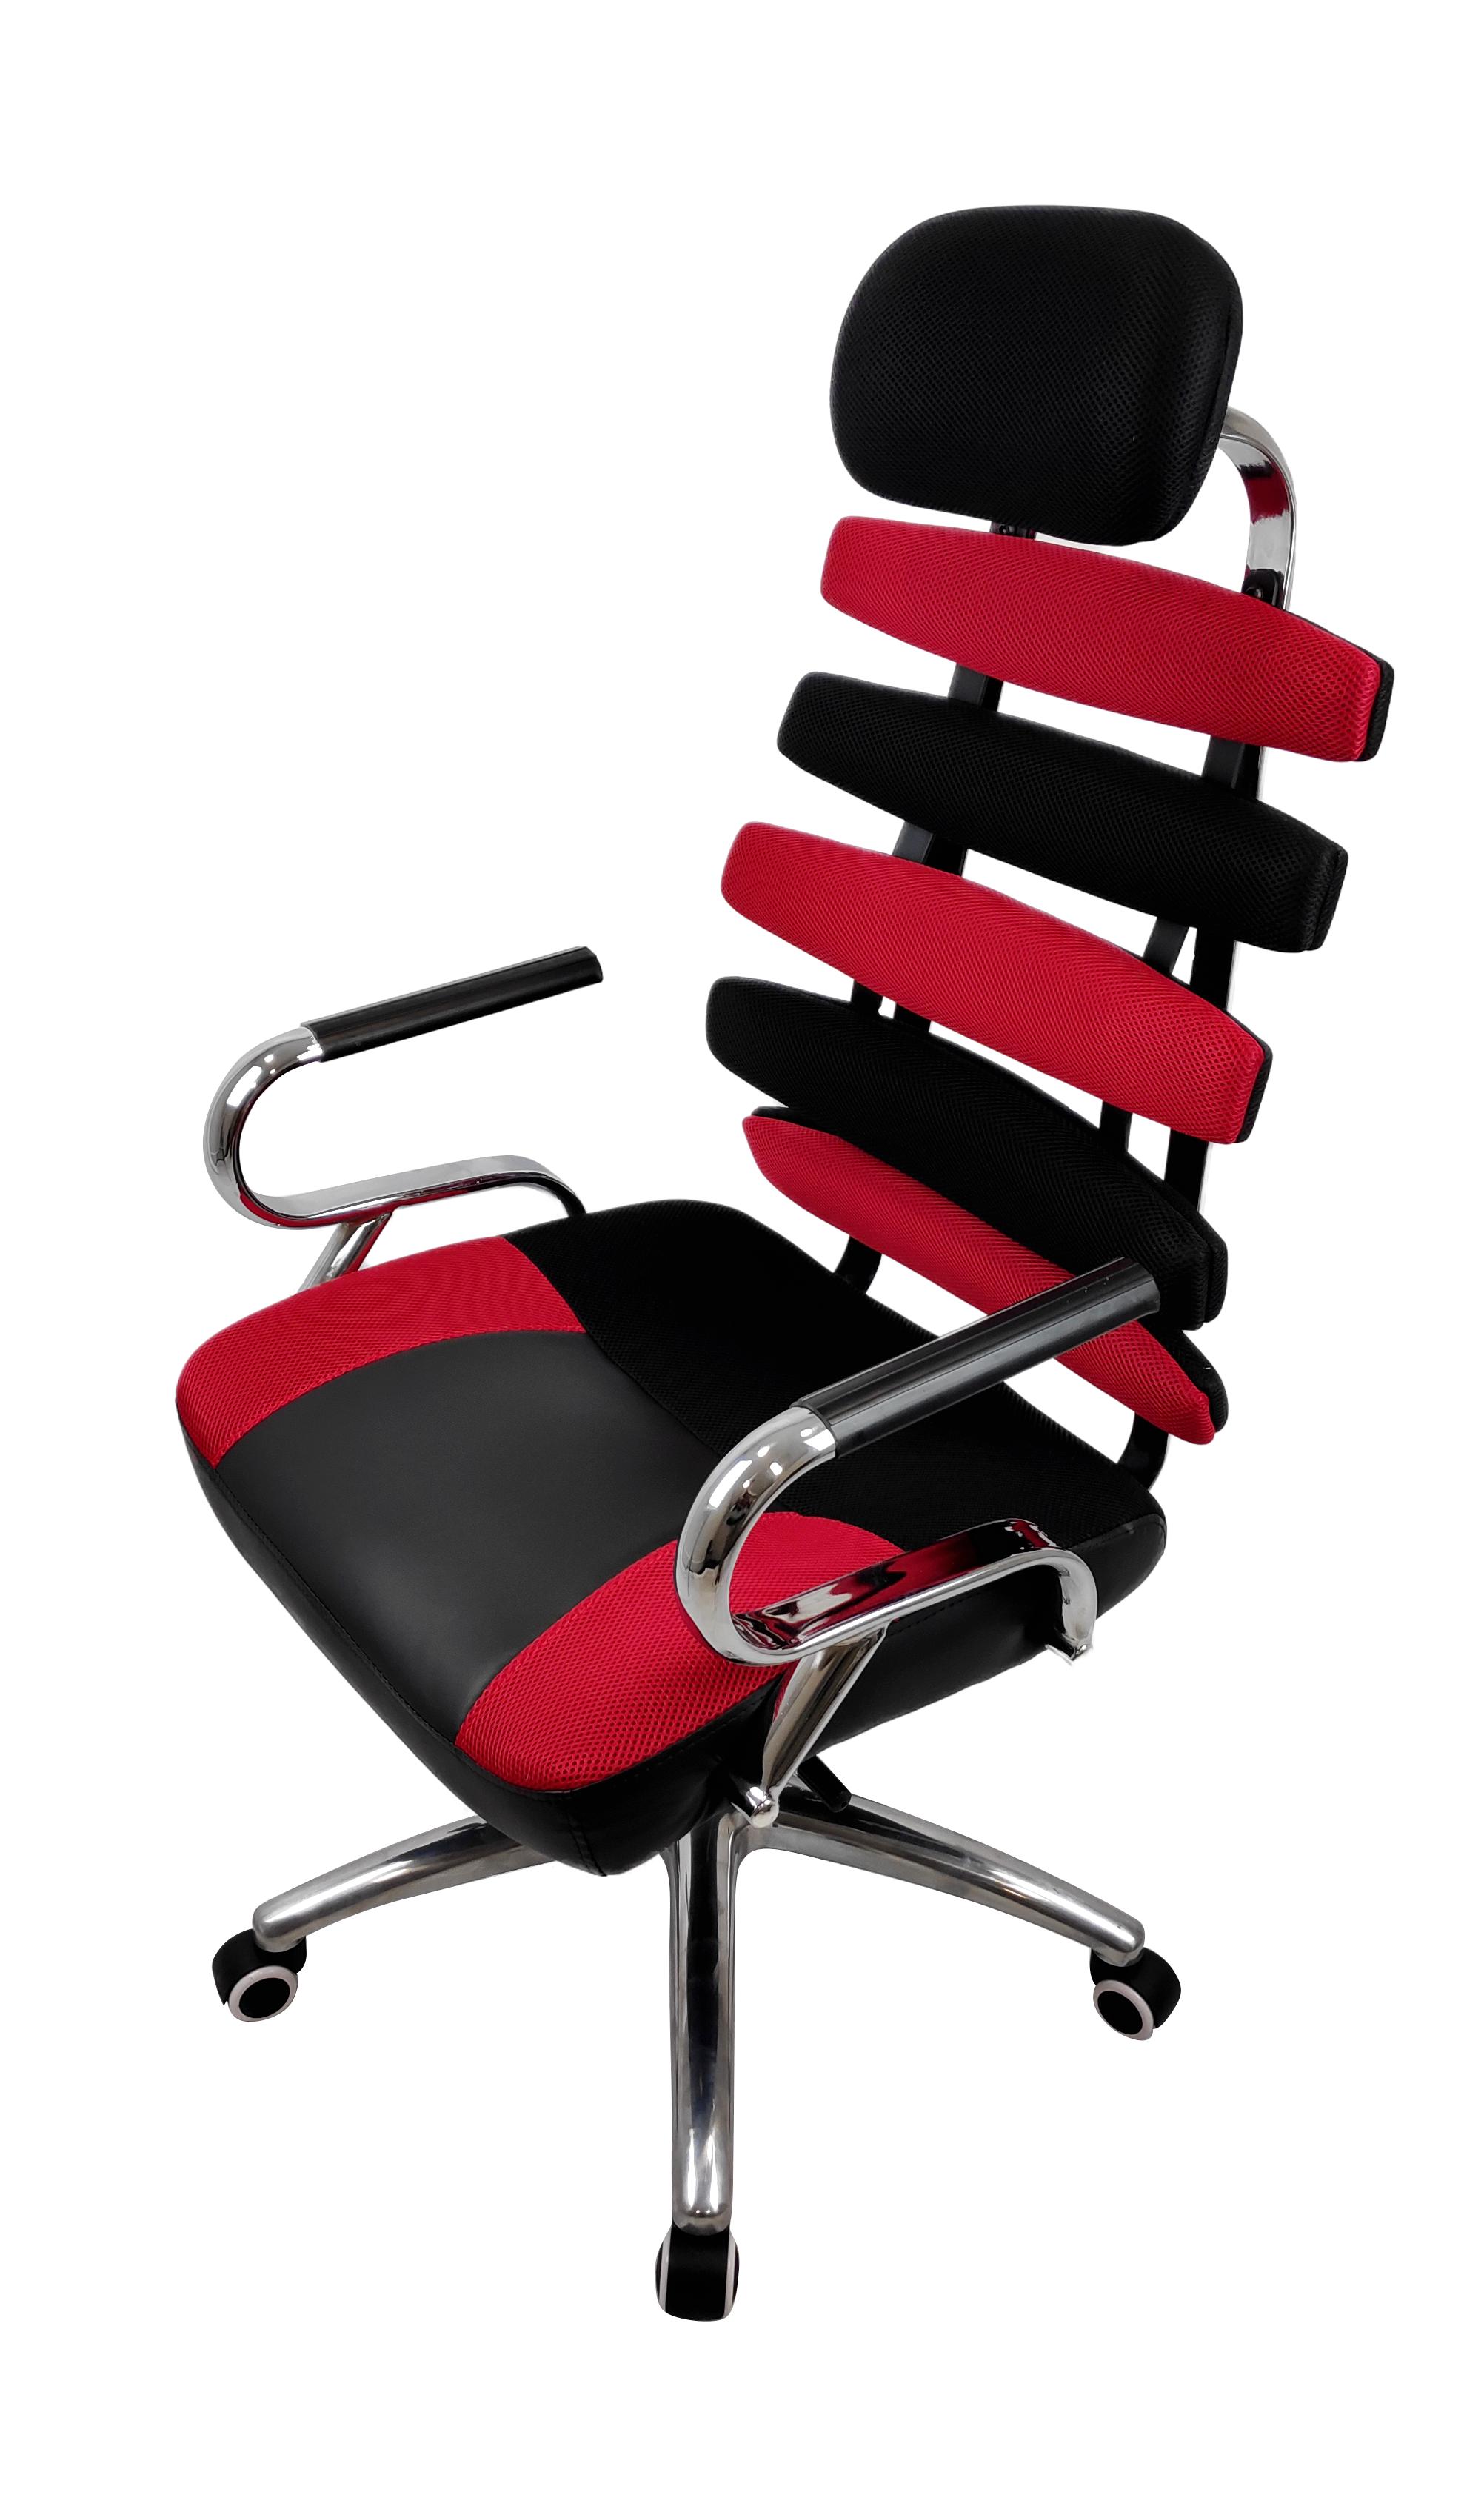 Офисное кресло эргономичное Raybe KB-415 красное фото